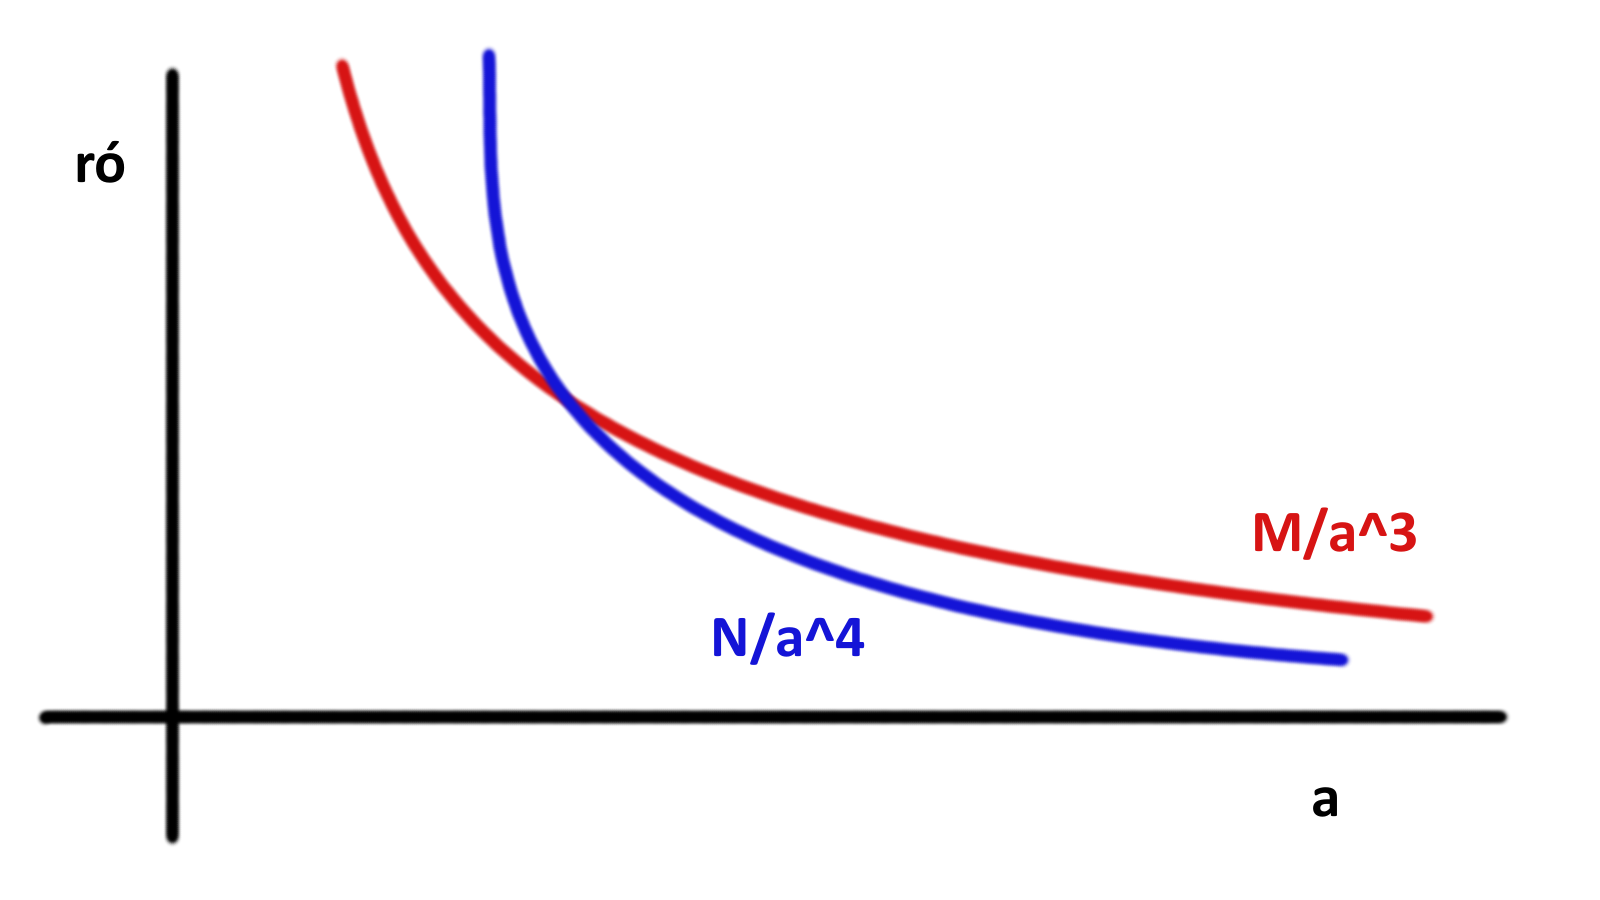 Průběhy funkcí M/a^3 a N/a^4